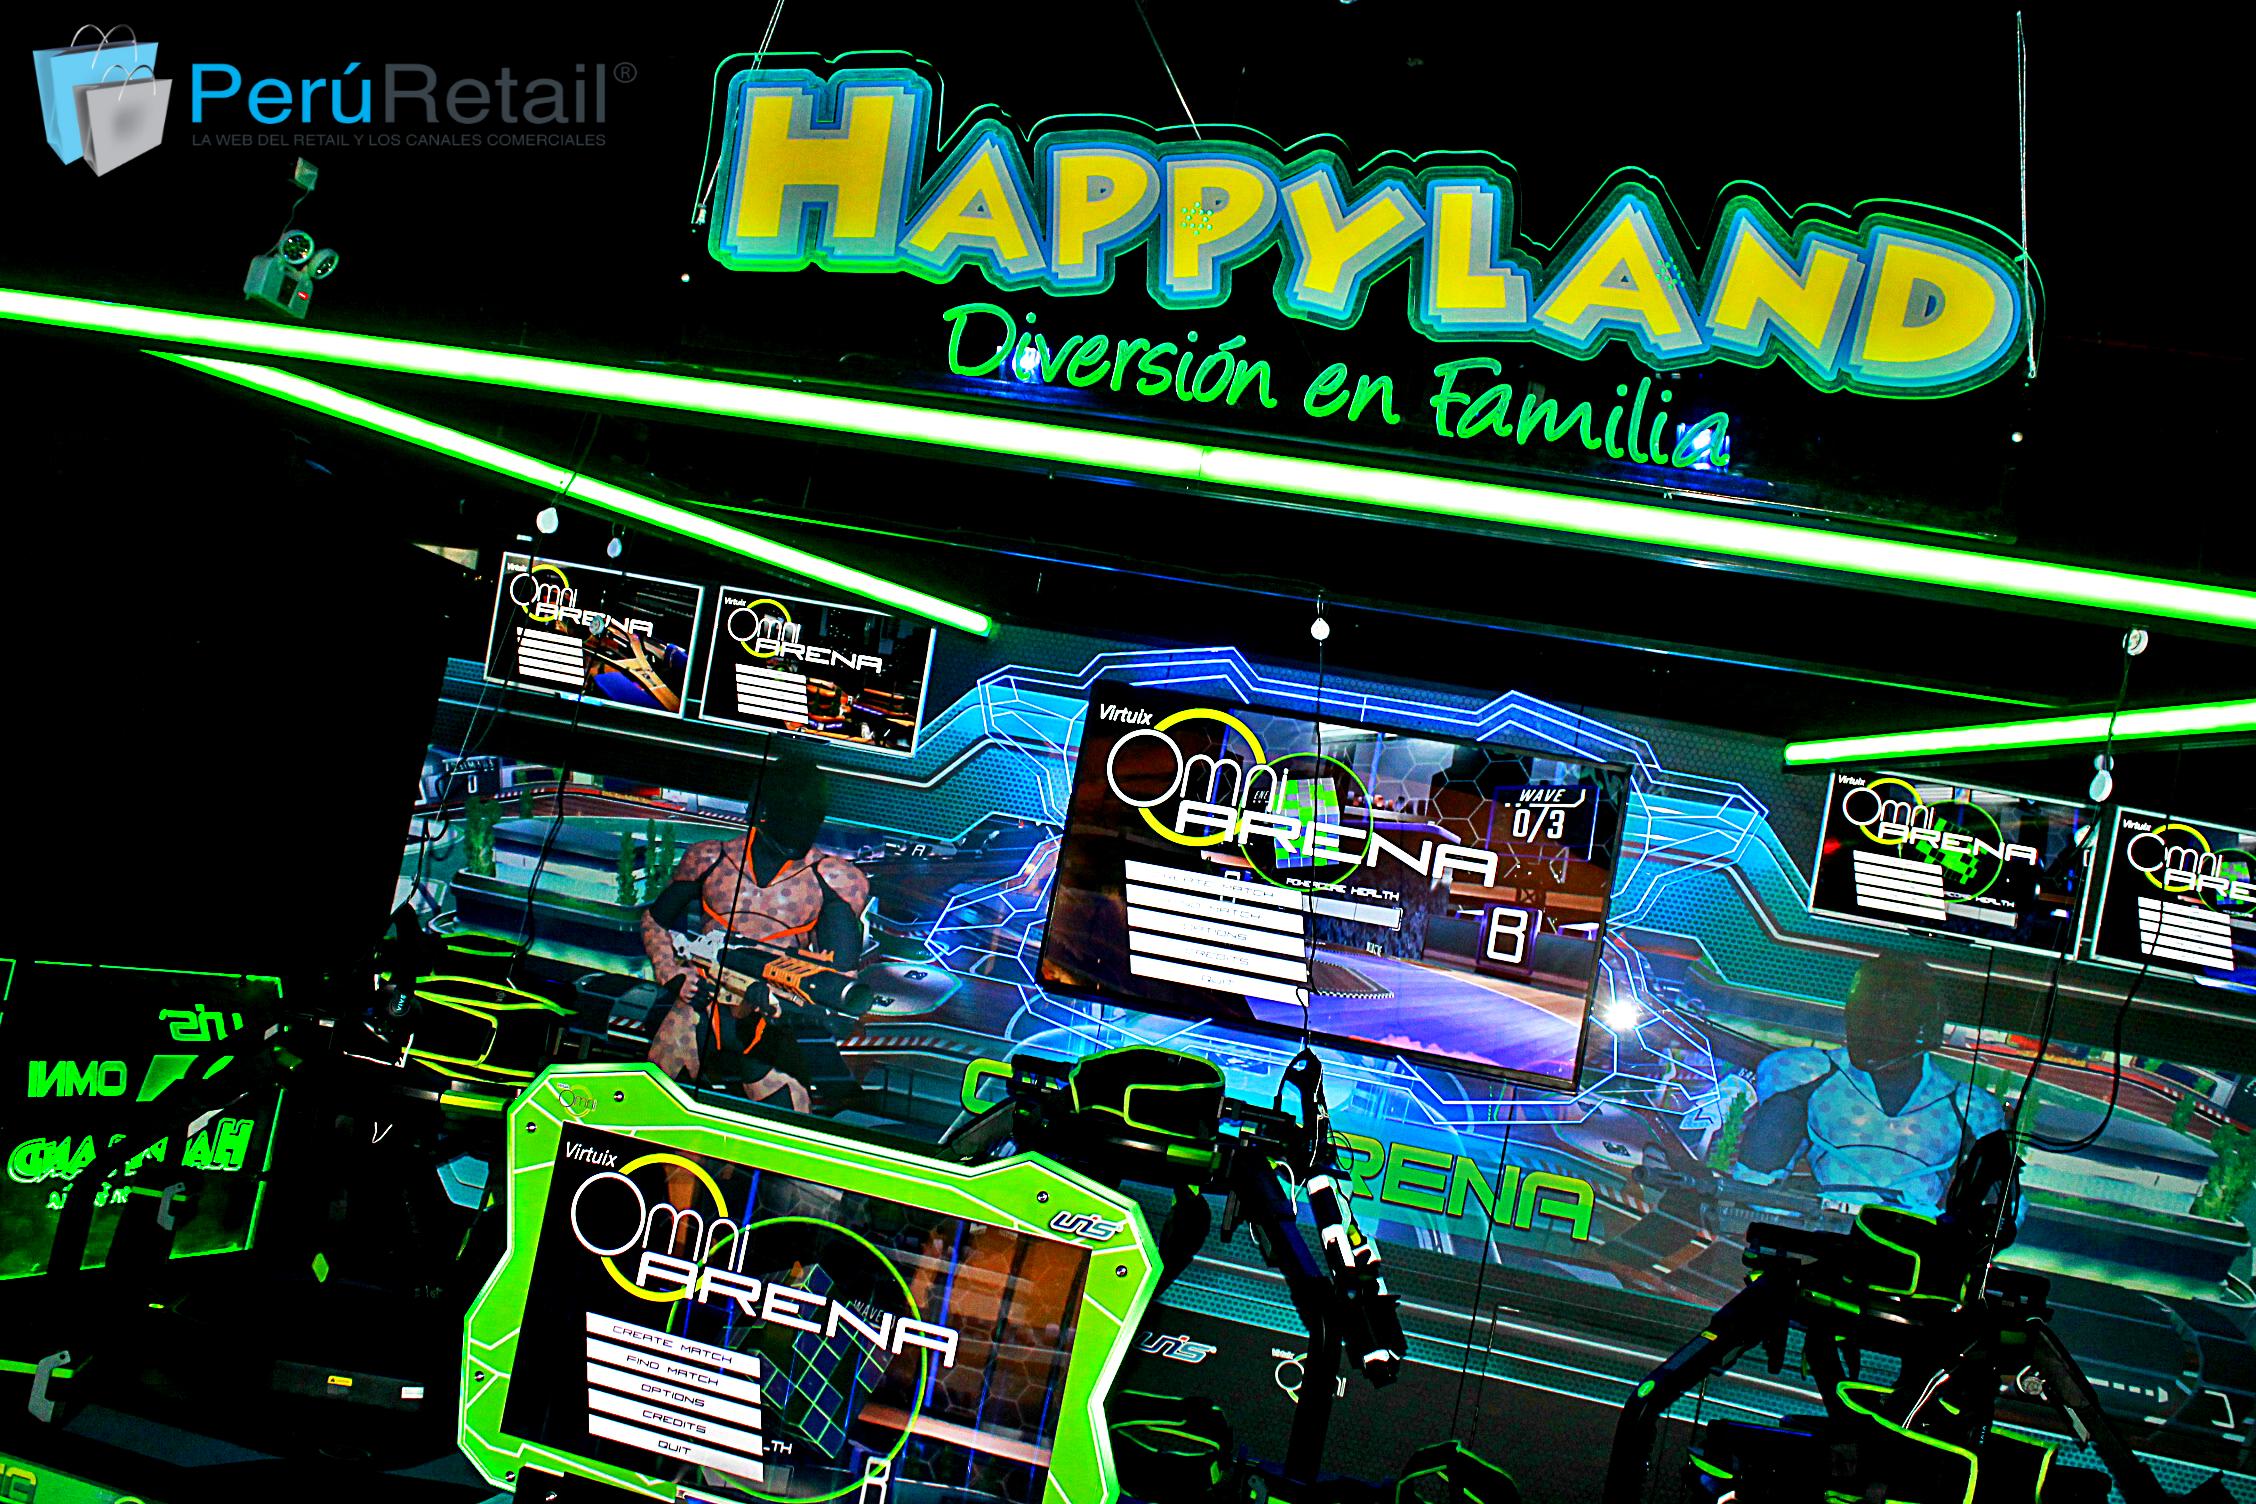 happyland jockey plaza (1) Peru Retail